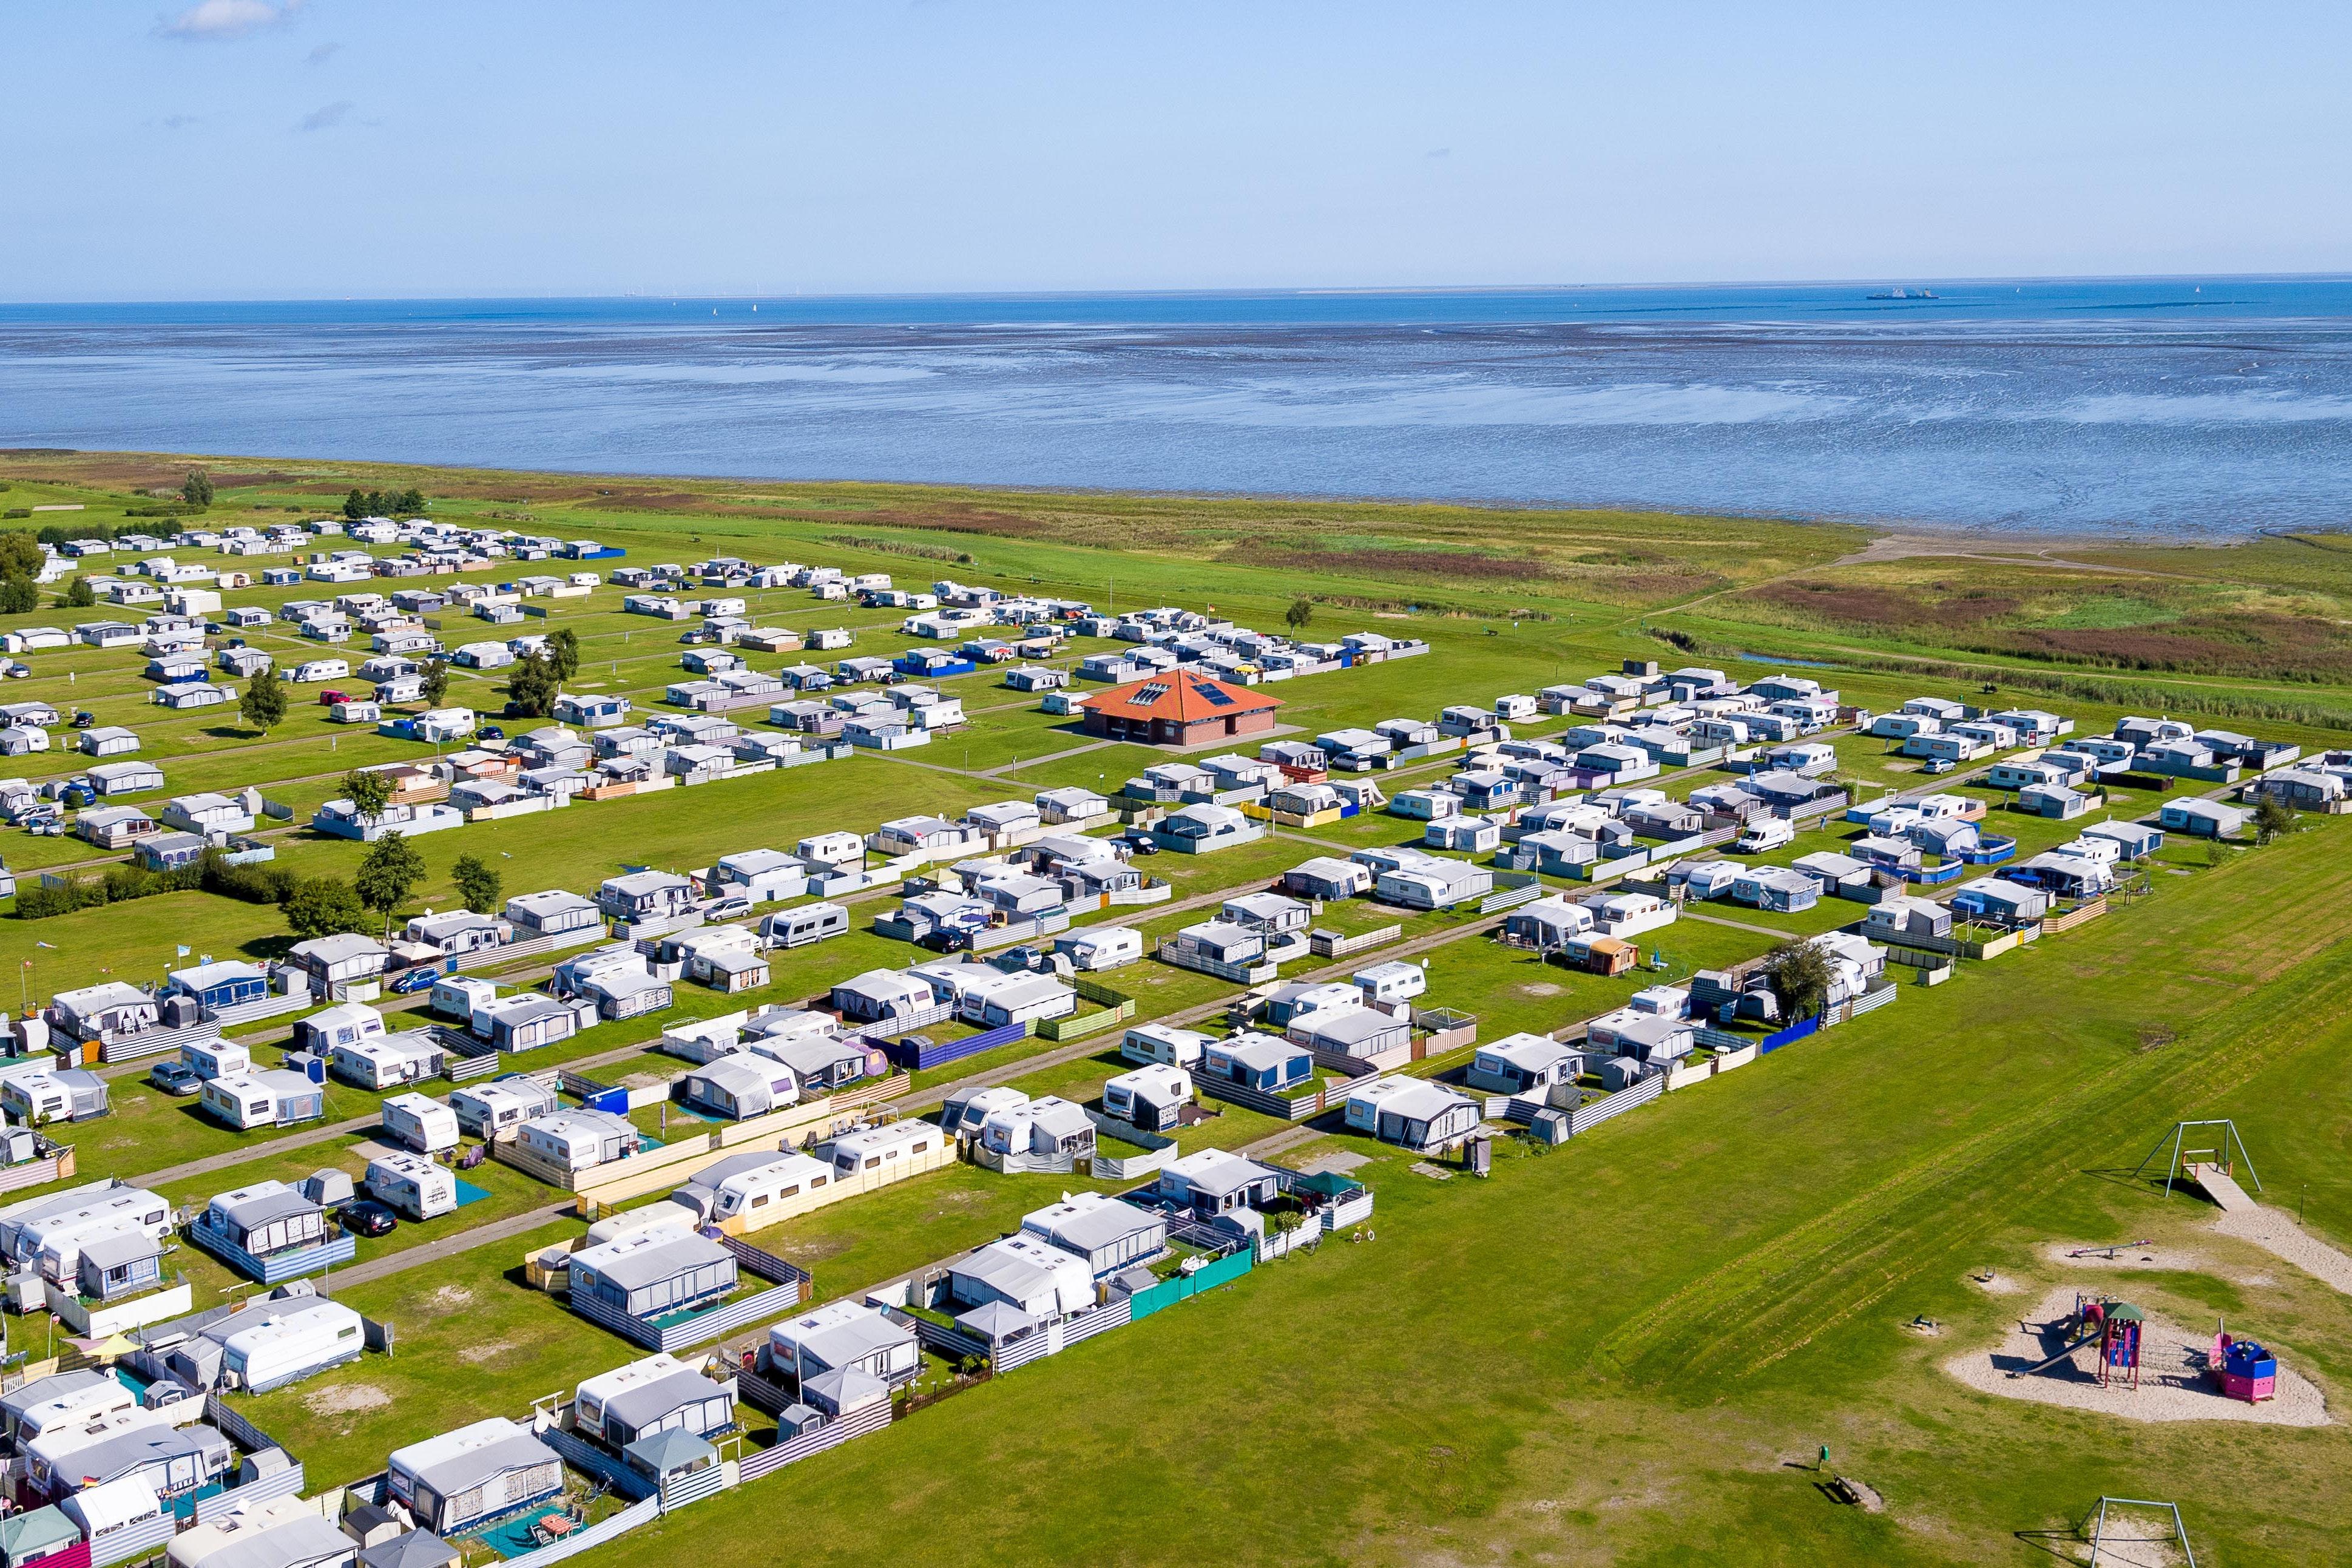 Campingplatz hooksiel bilder